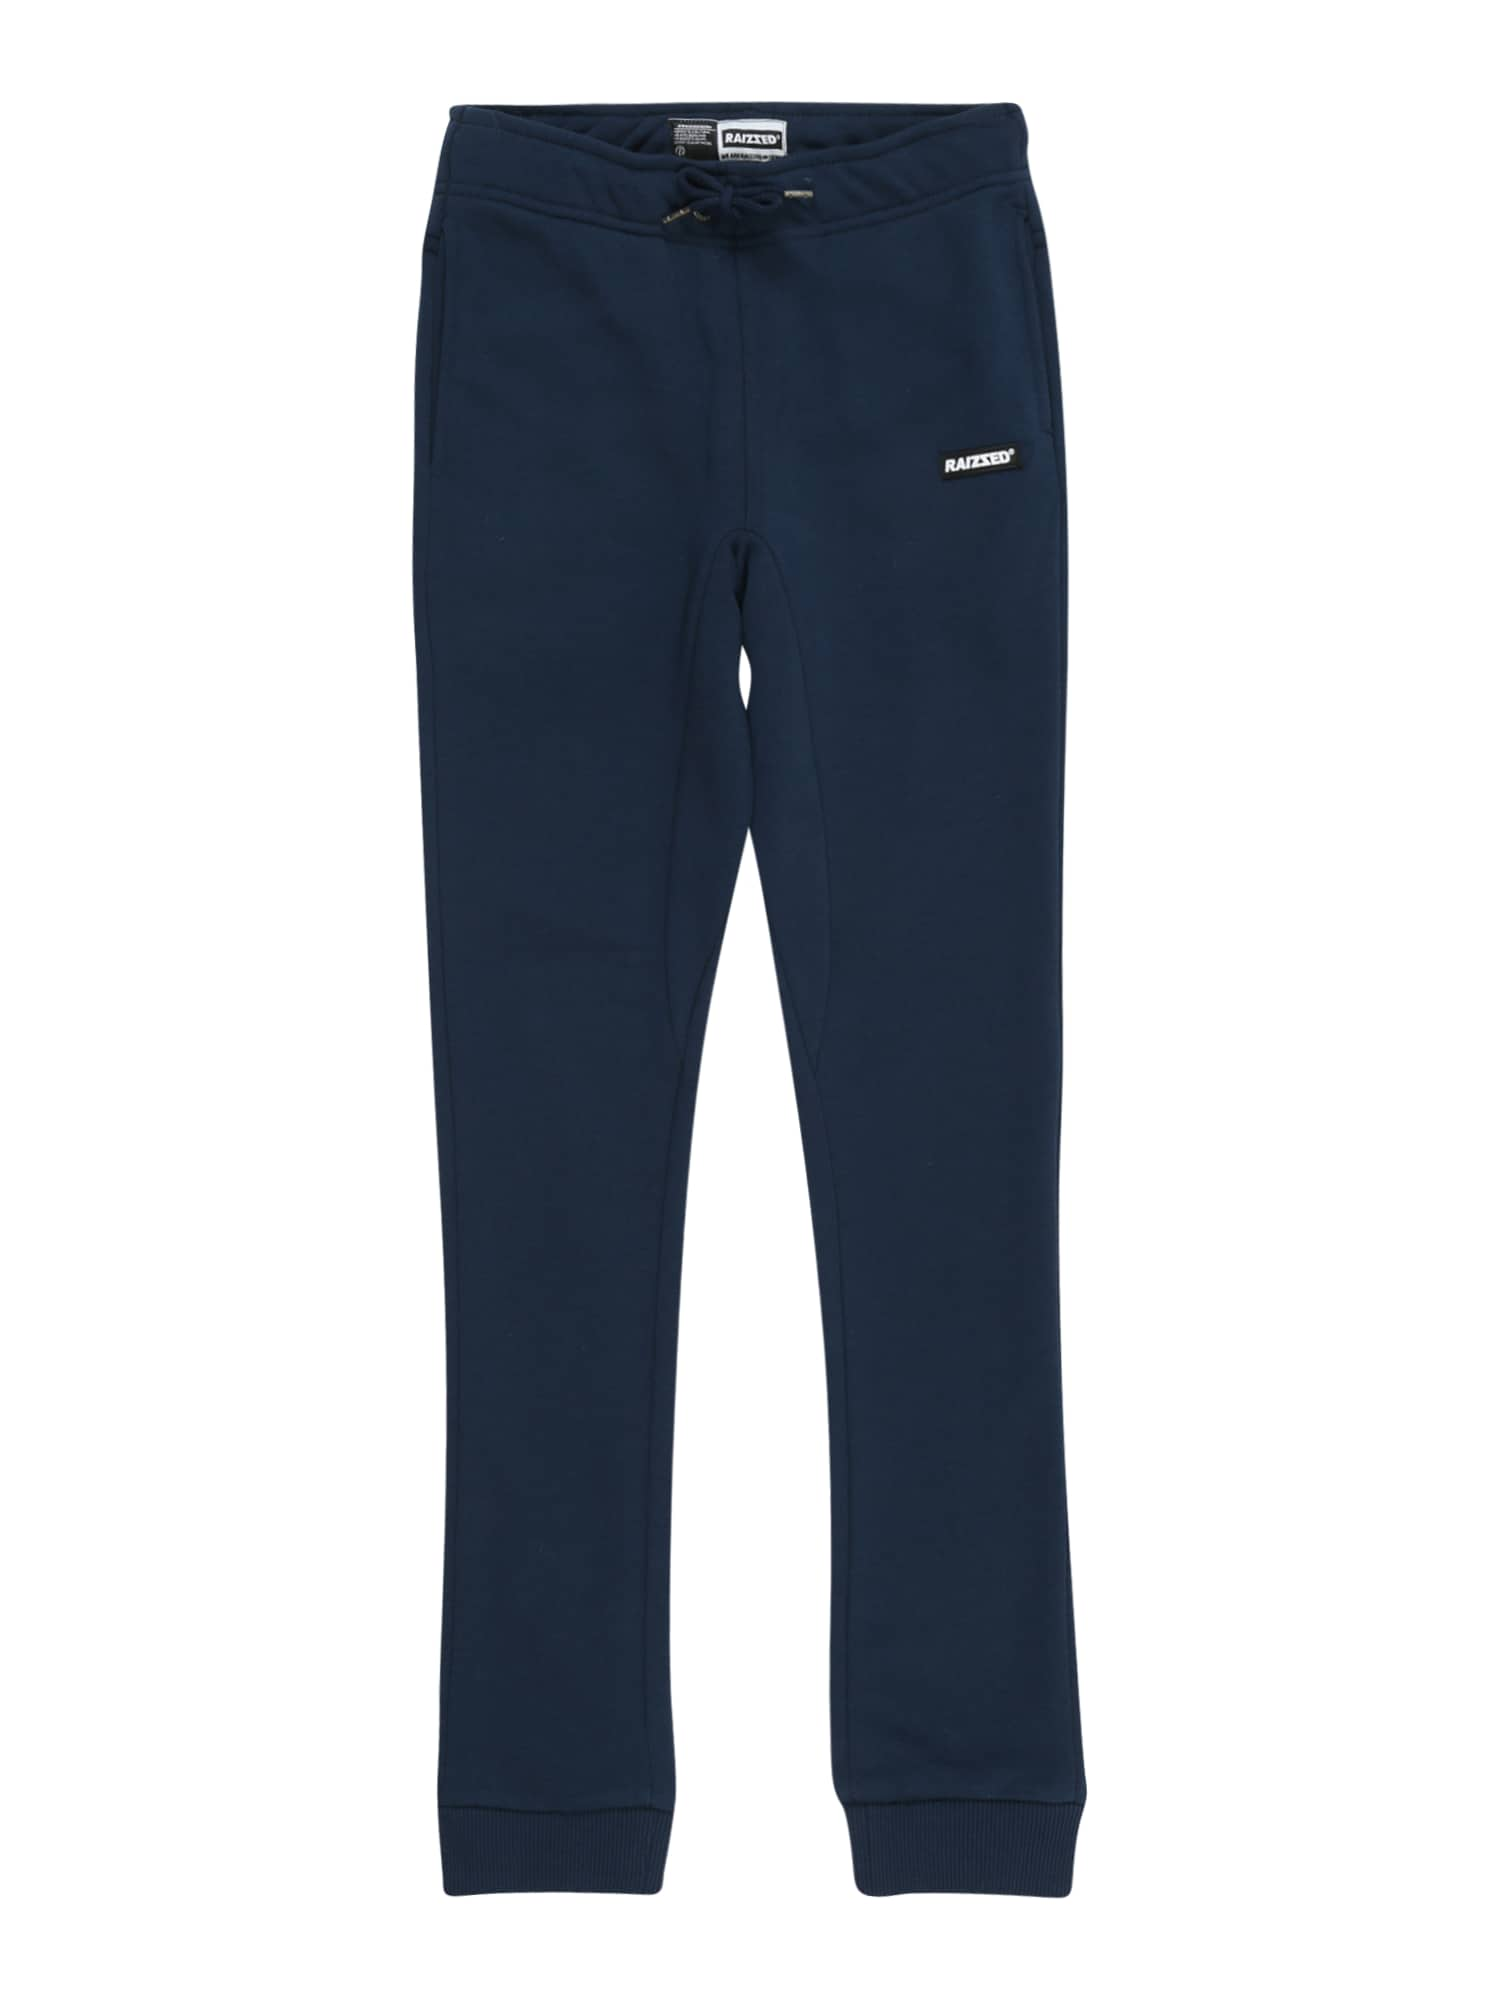 Raizzed Kelnės 'Sanford' tamsiai mėlyna